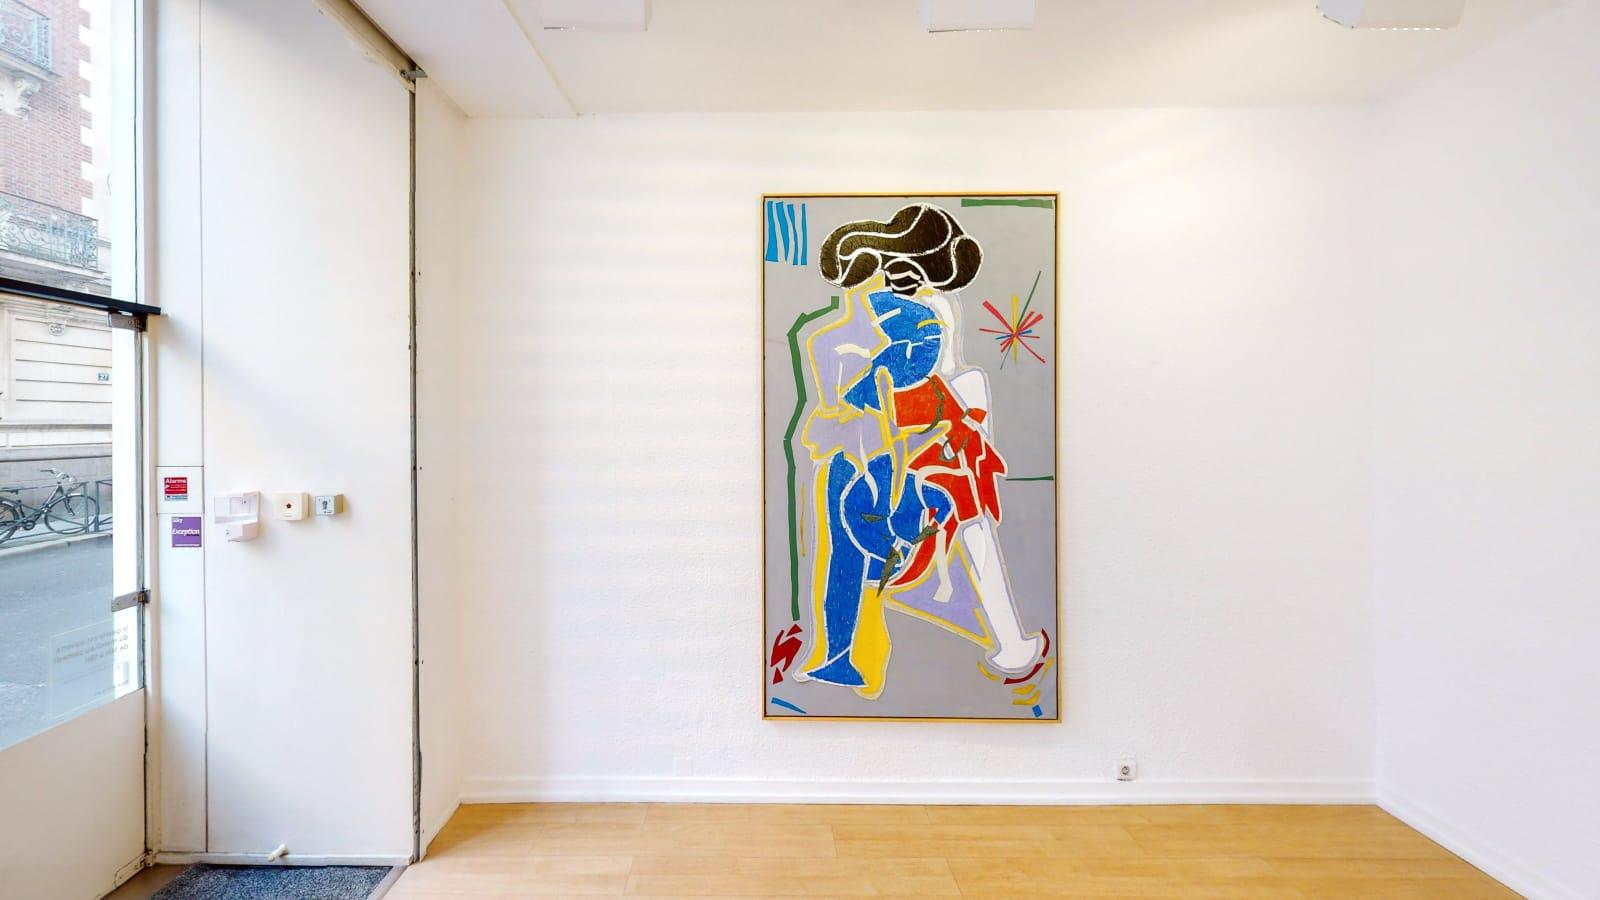 Christian Bonnefoi / La Visite, exposition personnelle / Oniris 2021